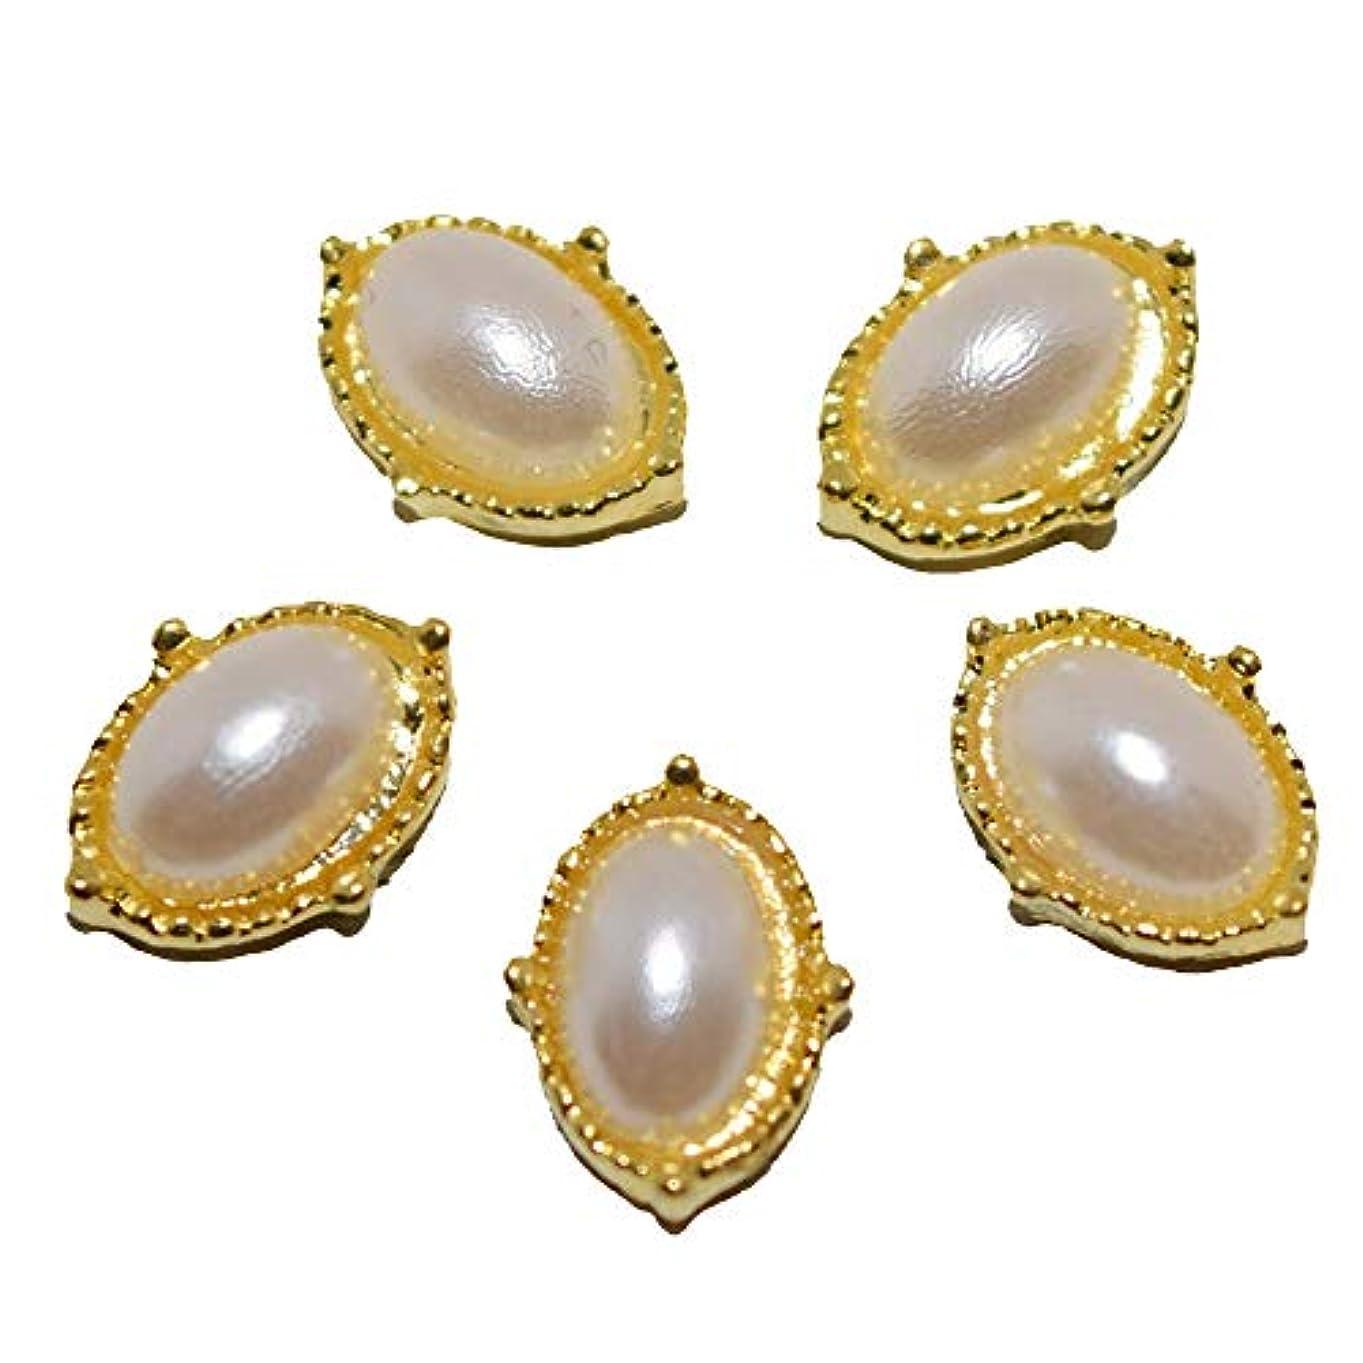 普及リンクリフト10個入り金馬の目の真珠3Dネイルアートの装飾合金ネイルチャームネイルズラインストーン用品